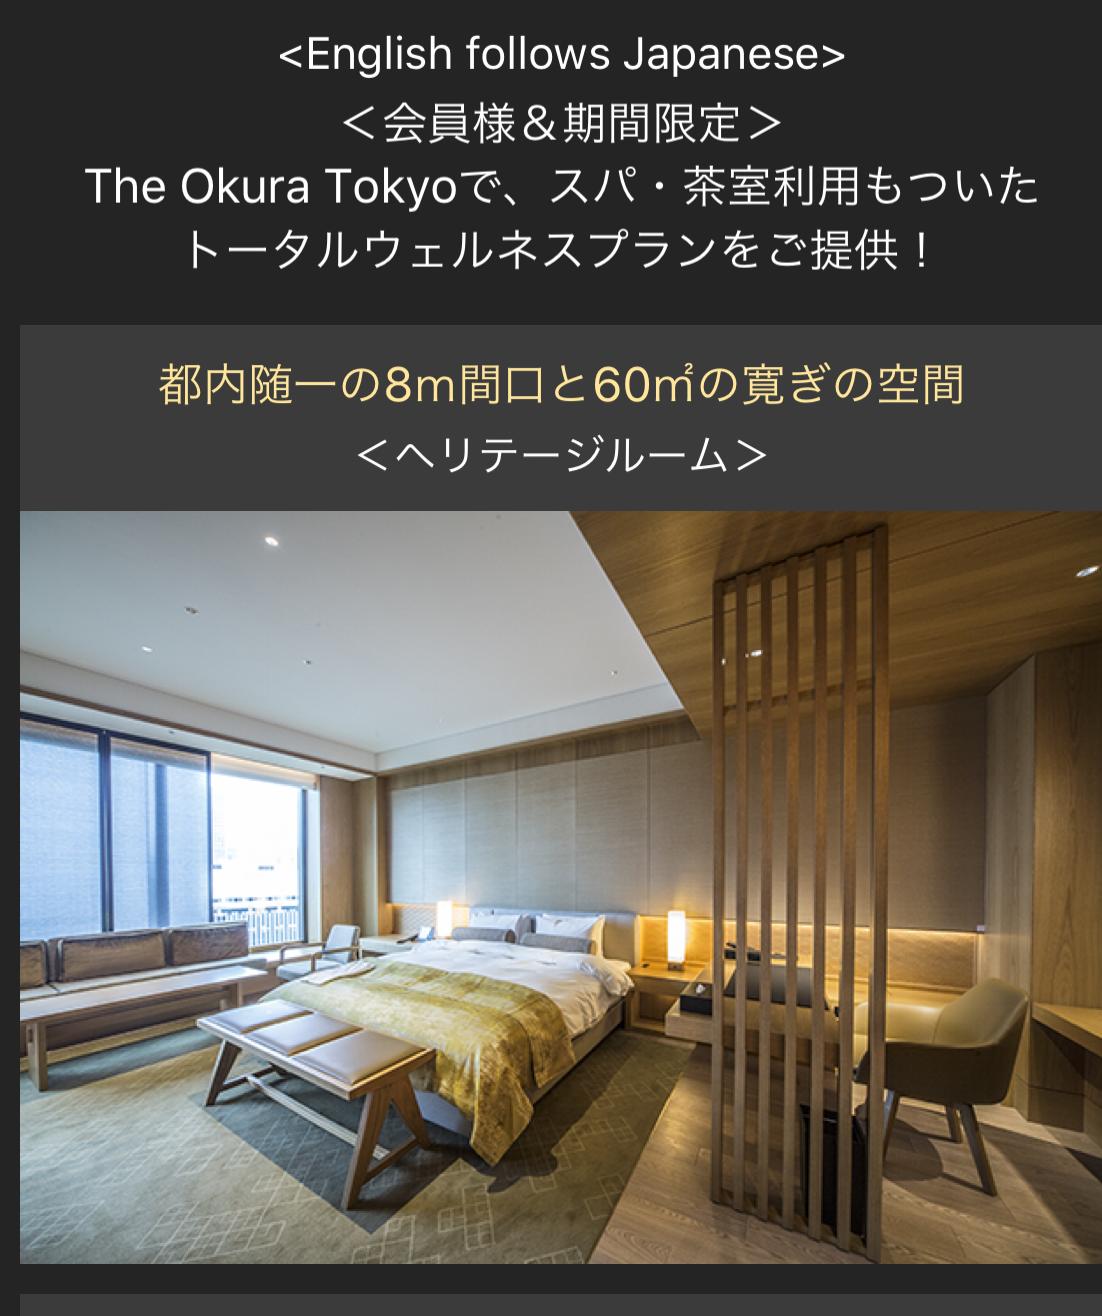 The Okura Tokyoのヘリテージルーム